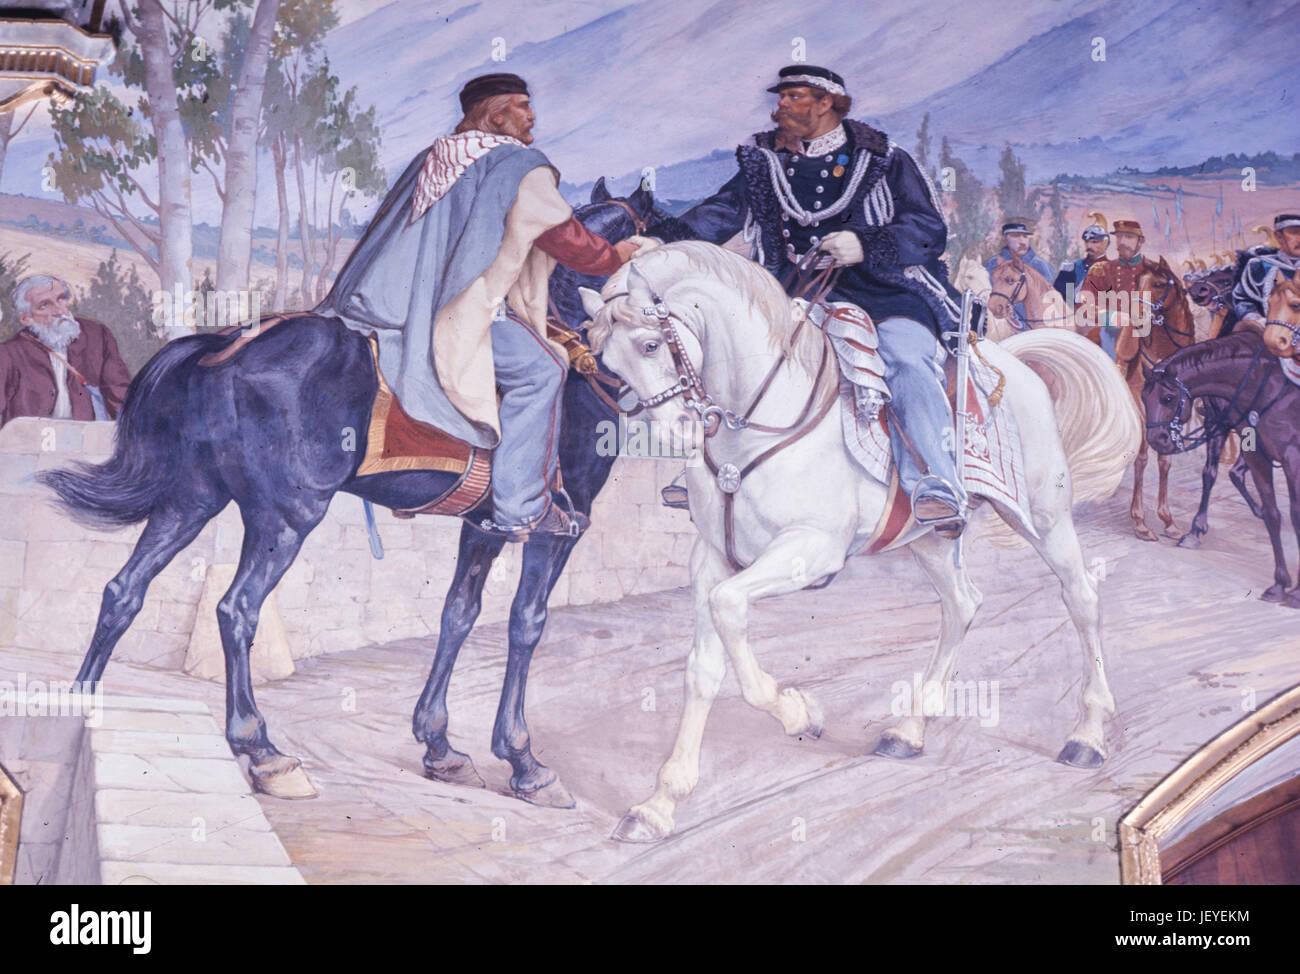 Incontro tra Giuseppe Garibaldi e Vittorio Emanuele II, o riunione di Teano, Ottobre 26, 1860 Immagini Stock